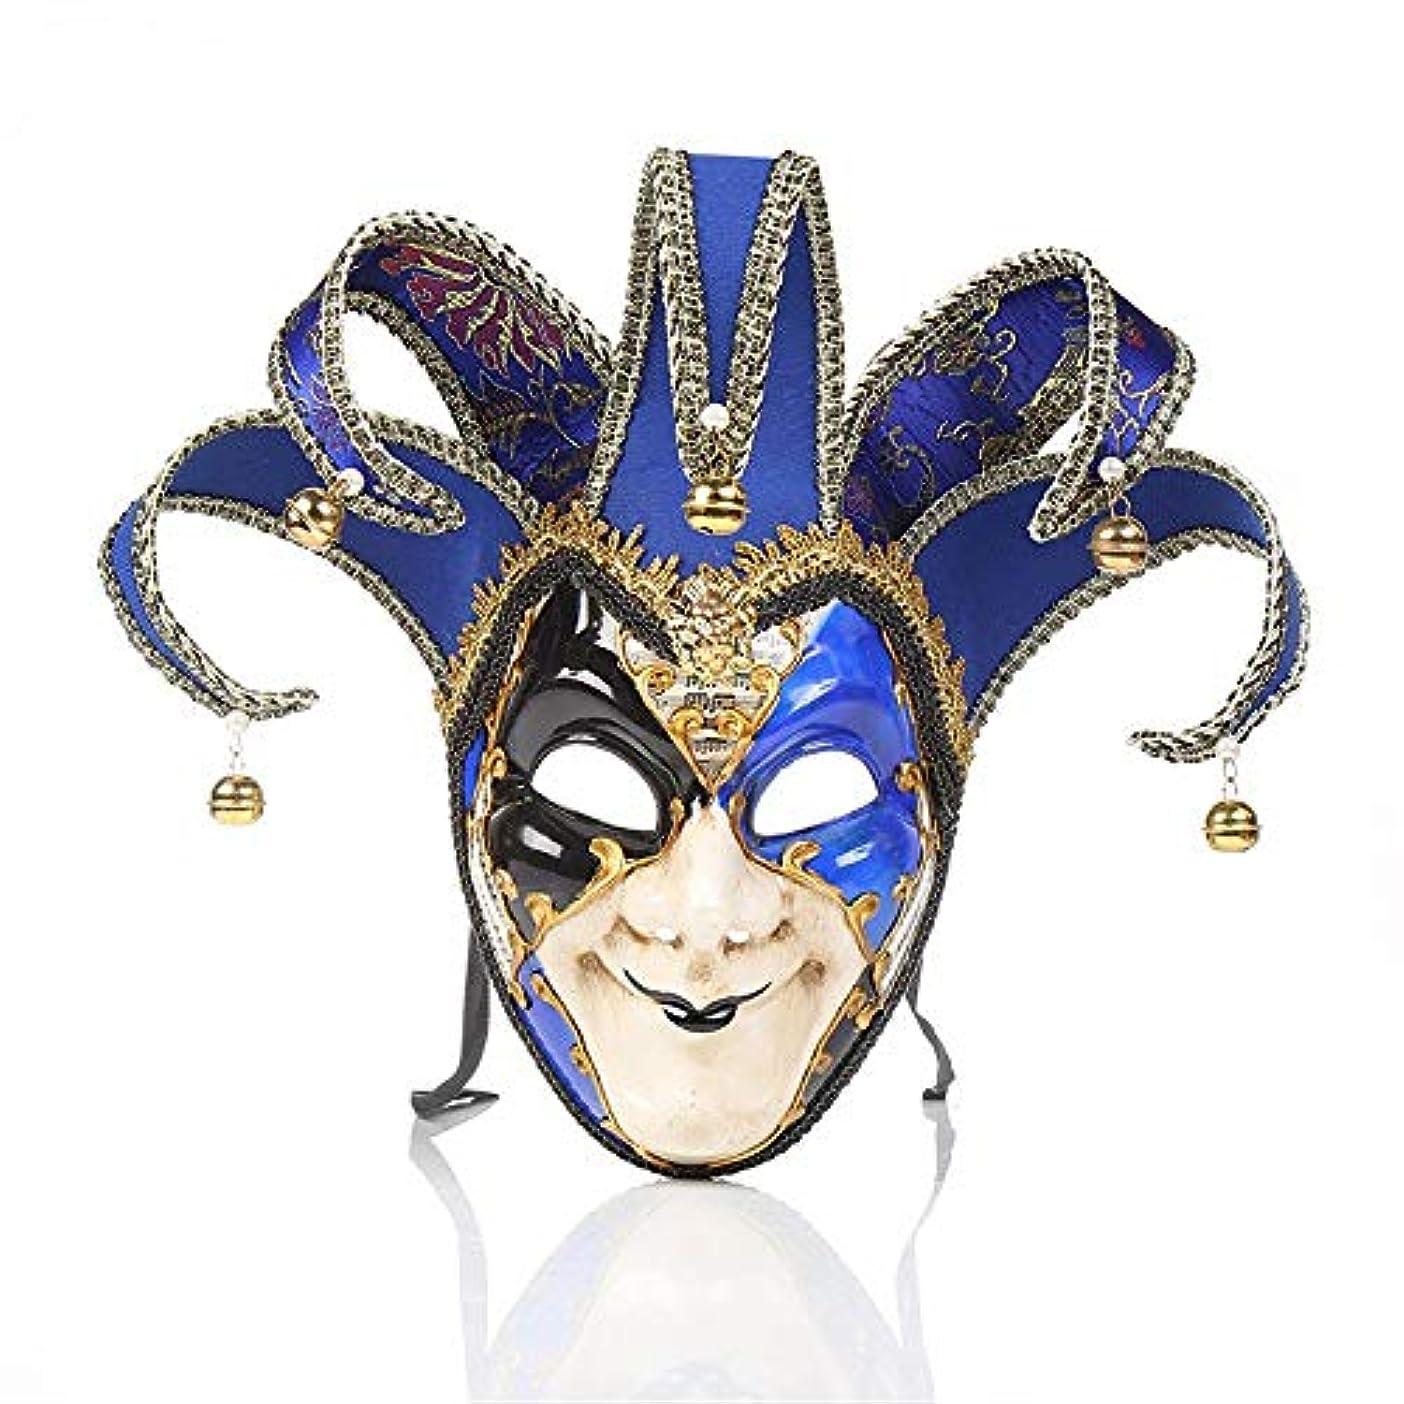 テレマコスレタッチインタラクションダンスマスク ピエロマスクハロウィーンパフォーマンスパフォーマンス仮面舞踏会雰囲気用品祭りロールプレイングプラスチックマスク パーティーマスク (色 : 青, サイズ : 39x33cm)